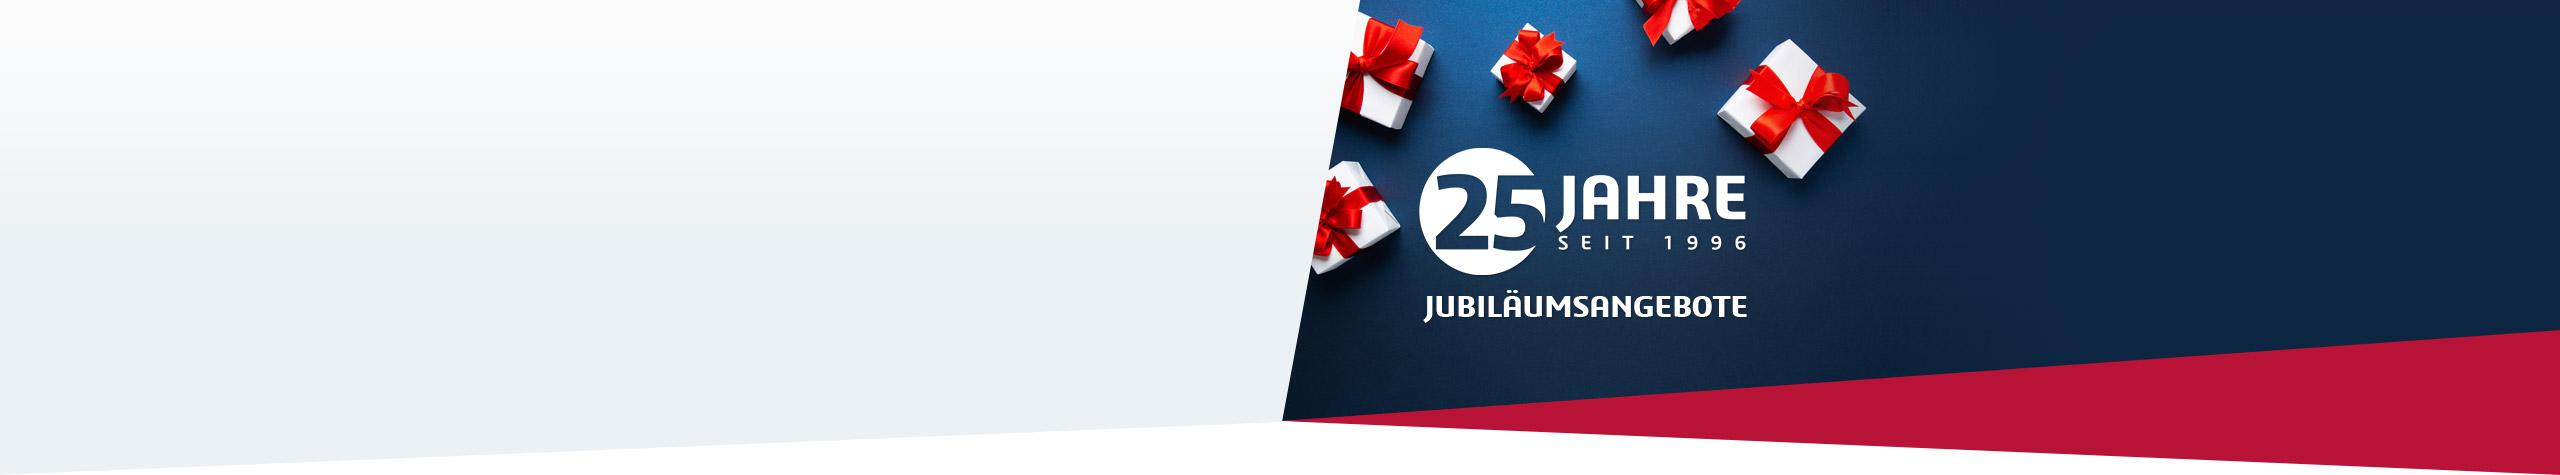 25 Jahre SolidLine Jubiläumsangebote Feiern Sie mit uns und profitieren Sie von attraktiven Angeboten! Angebote entdecken